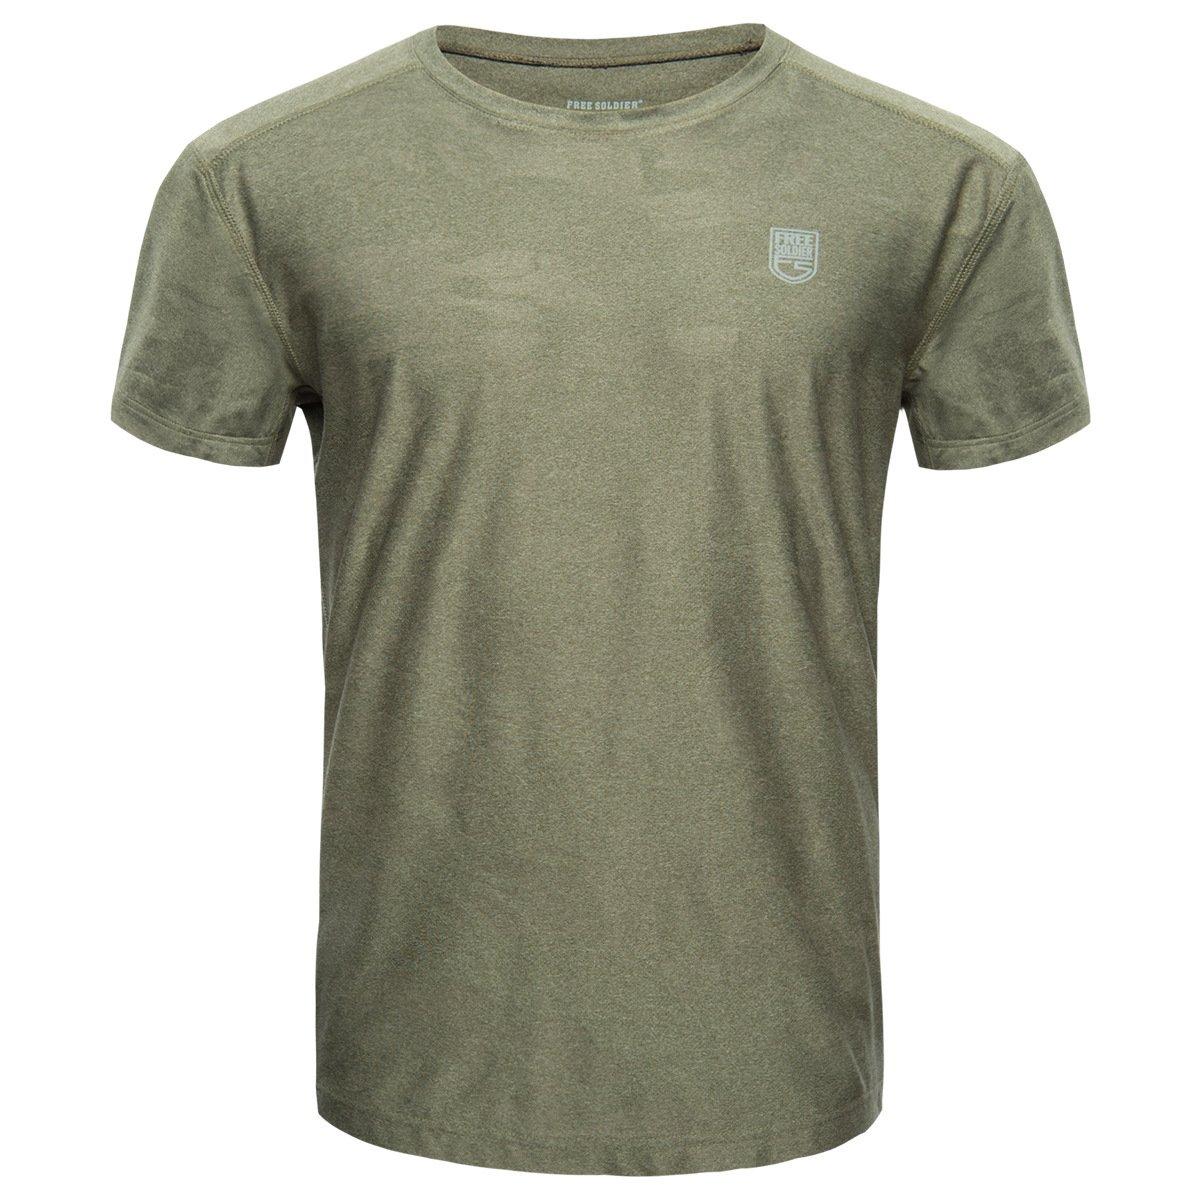 Hombre FREE SOLDIER T/áctico Camiseta Transpirable de Secado R/ápido El/ástico Cuello Redondo Manga Corta Camiseta